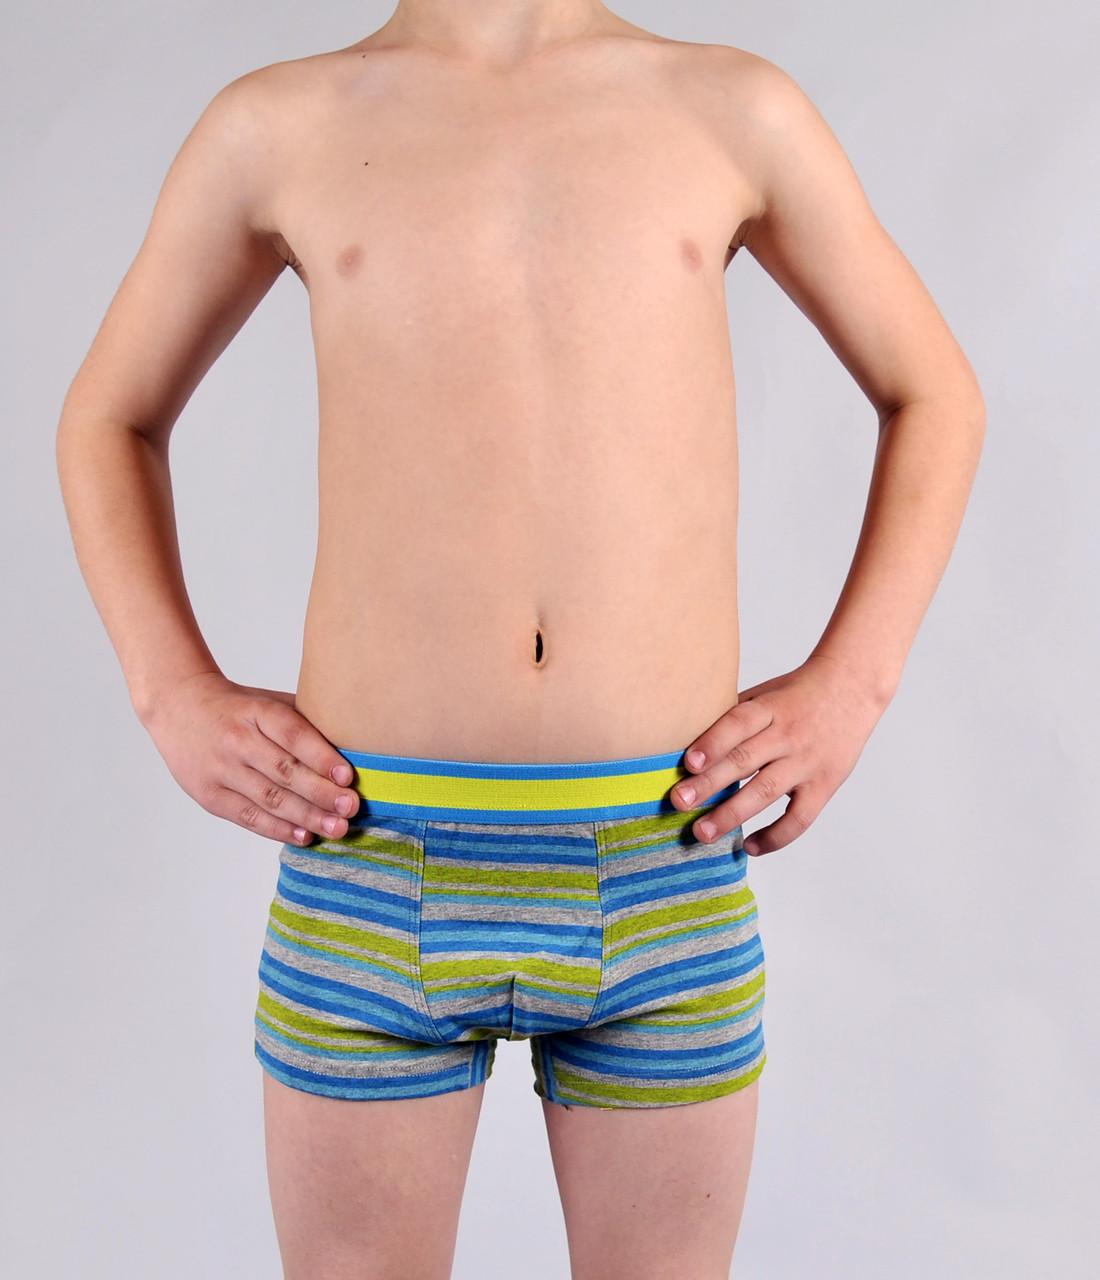 Дитячі трусики, боксери Altedo (вішалка) від 3 років